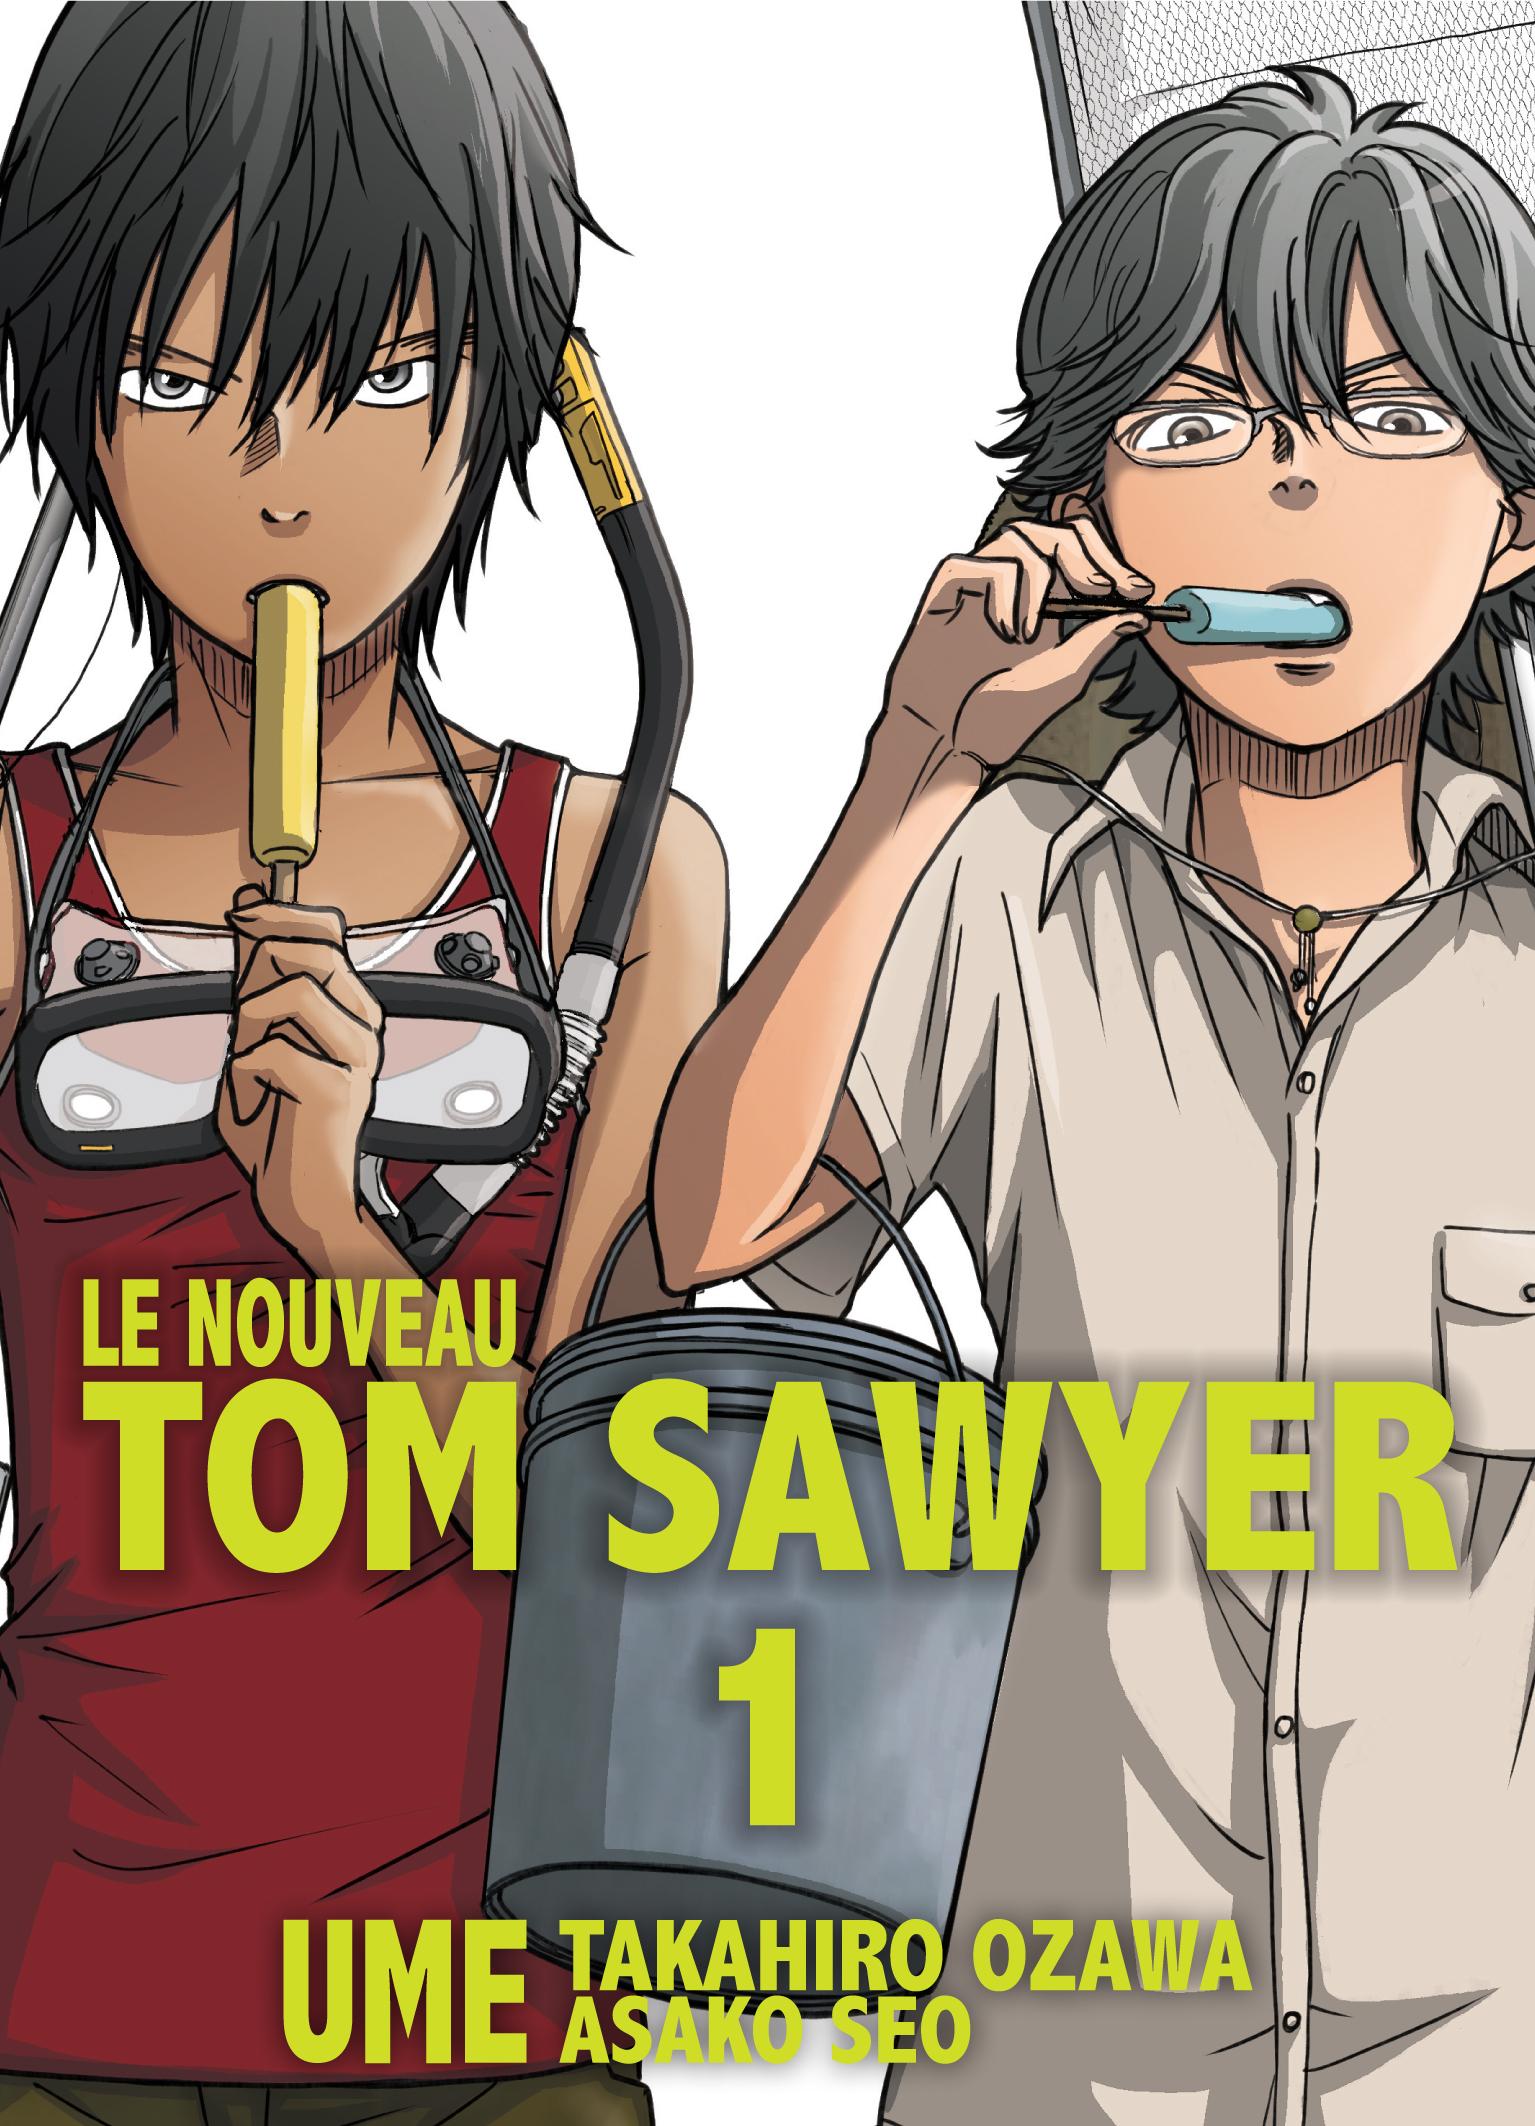 Le nouveau Tom Sawyer 1